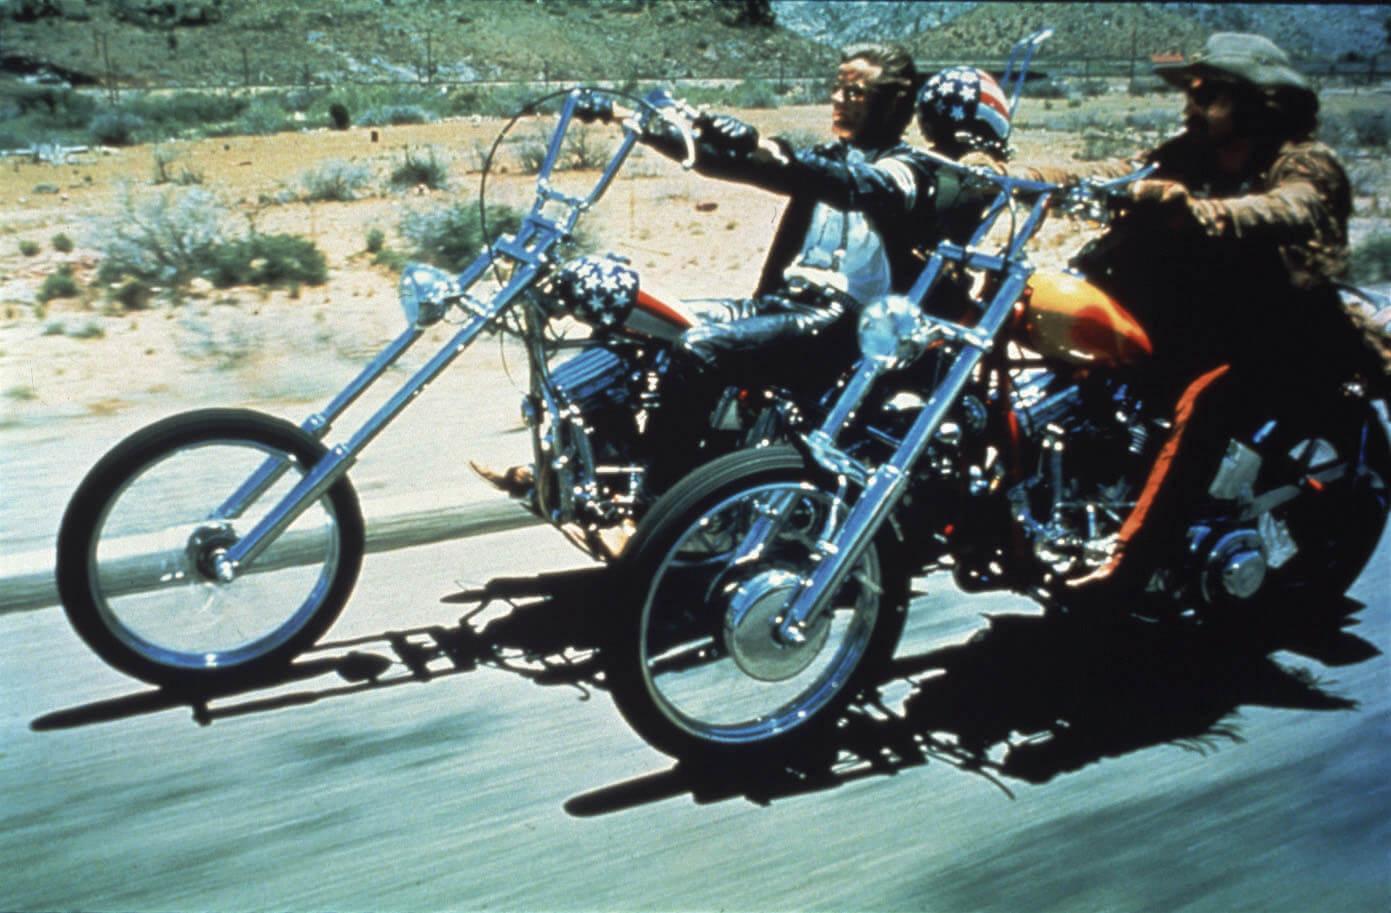 ユアン・マクレガー、チャーリー・ブアマンが駆るハーレー初の電動スポーツバイク「LiveWire®」、道なき道を征く100日間2万キロの旅 art201208_harley-10